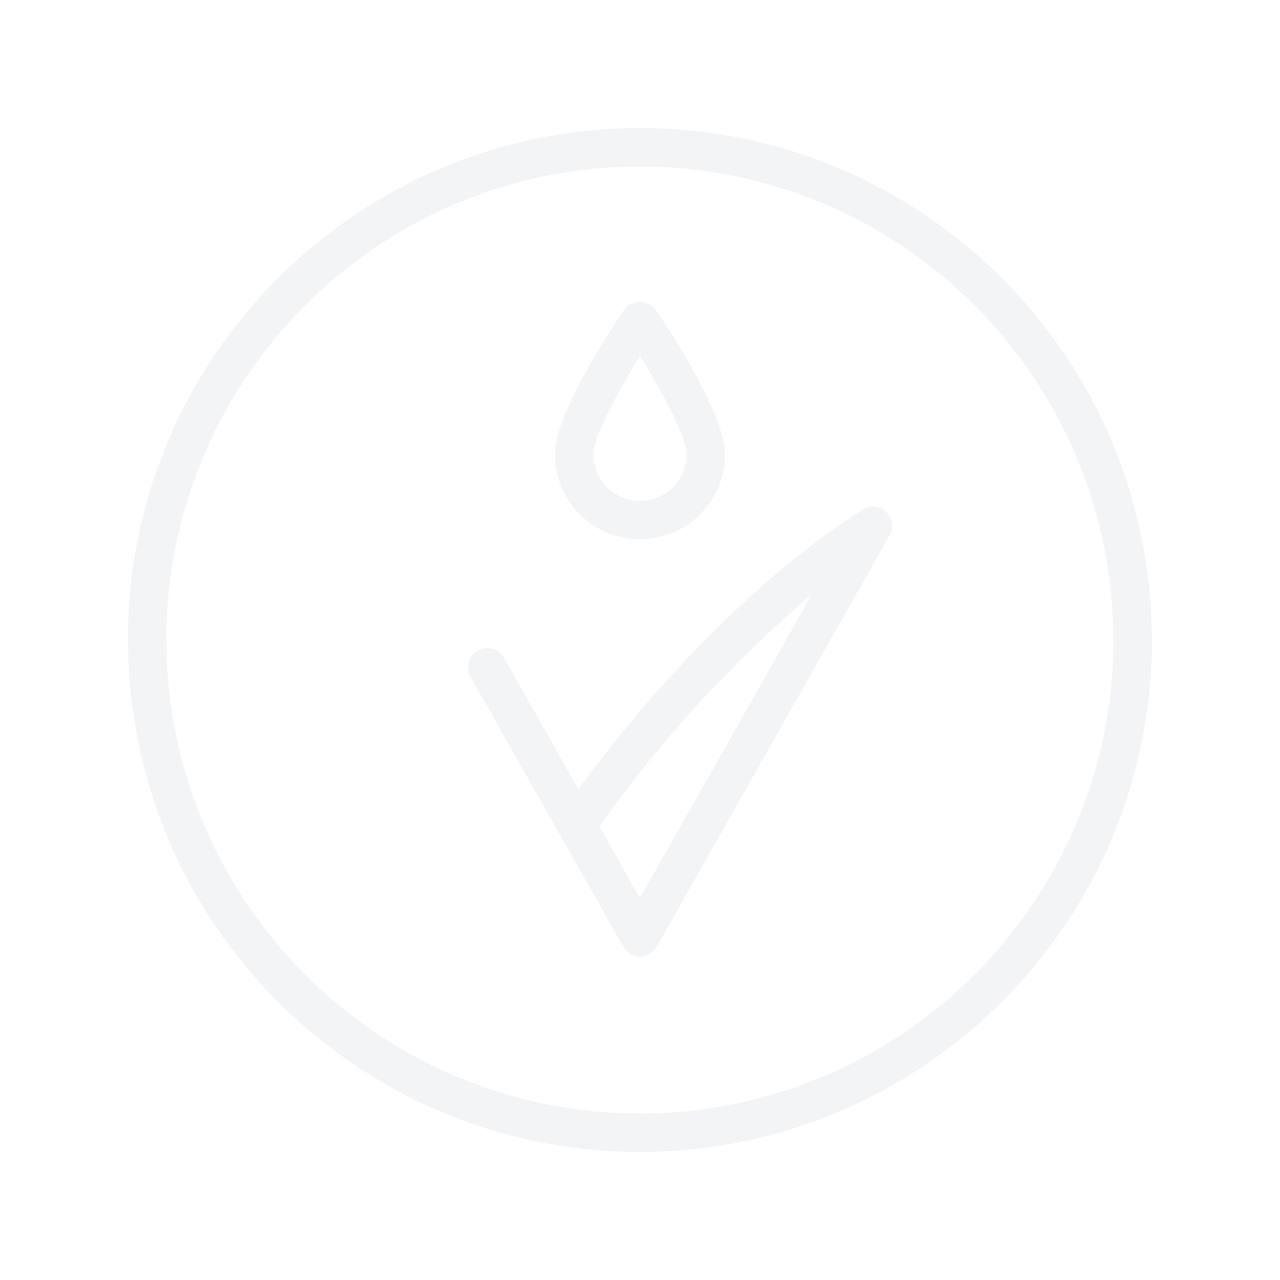 Giorgio Armani Acqua di Gio pour Homme Deodorant Stick 75ml